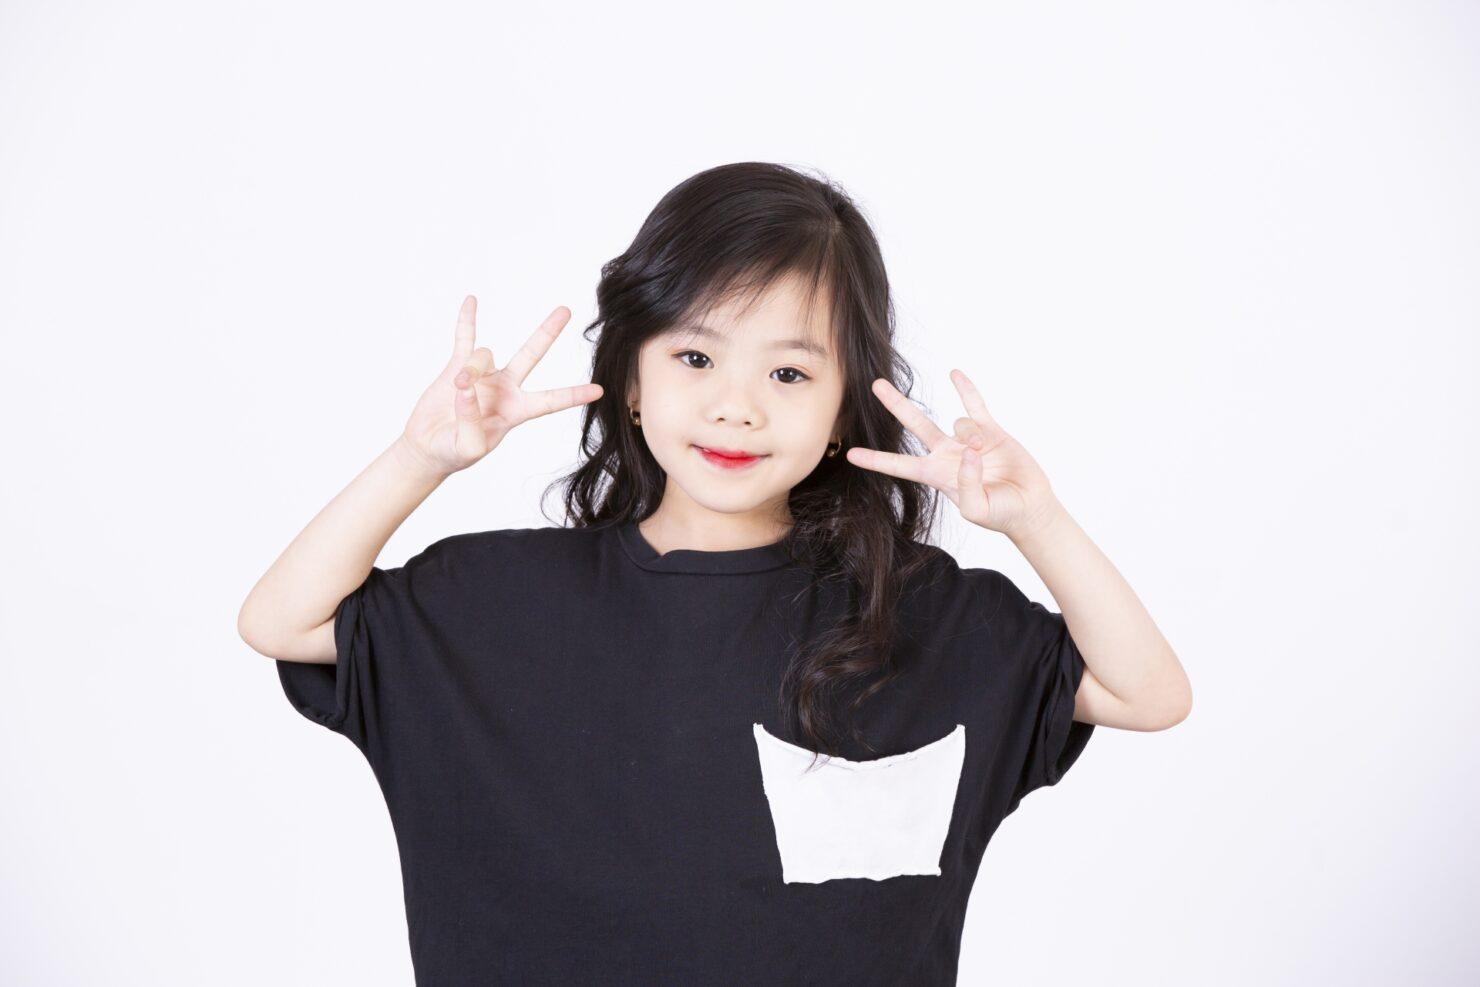 ちびギャル系ファッションに人気の子供服ブランド4選